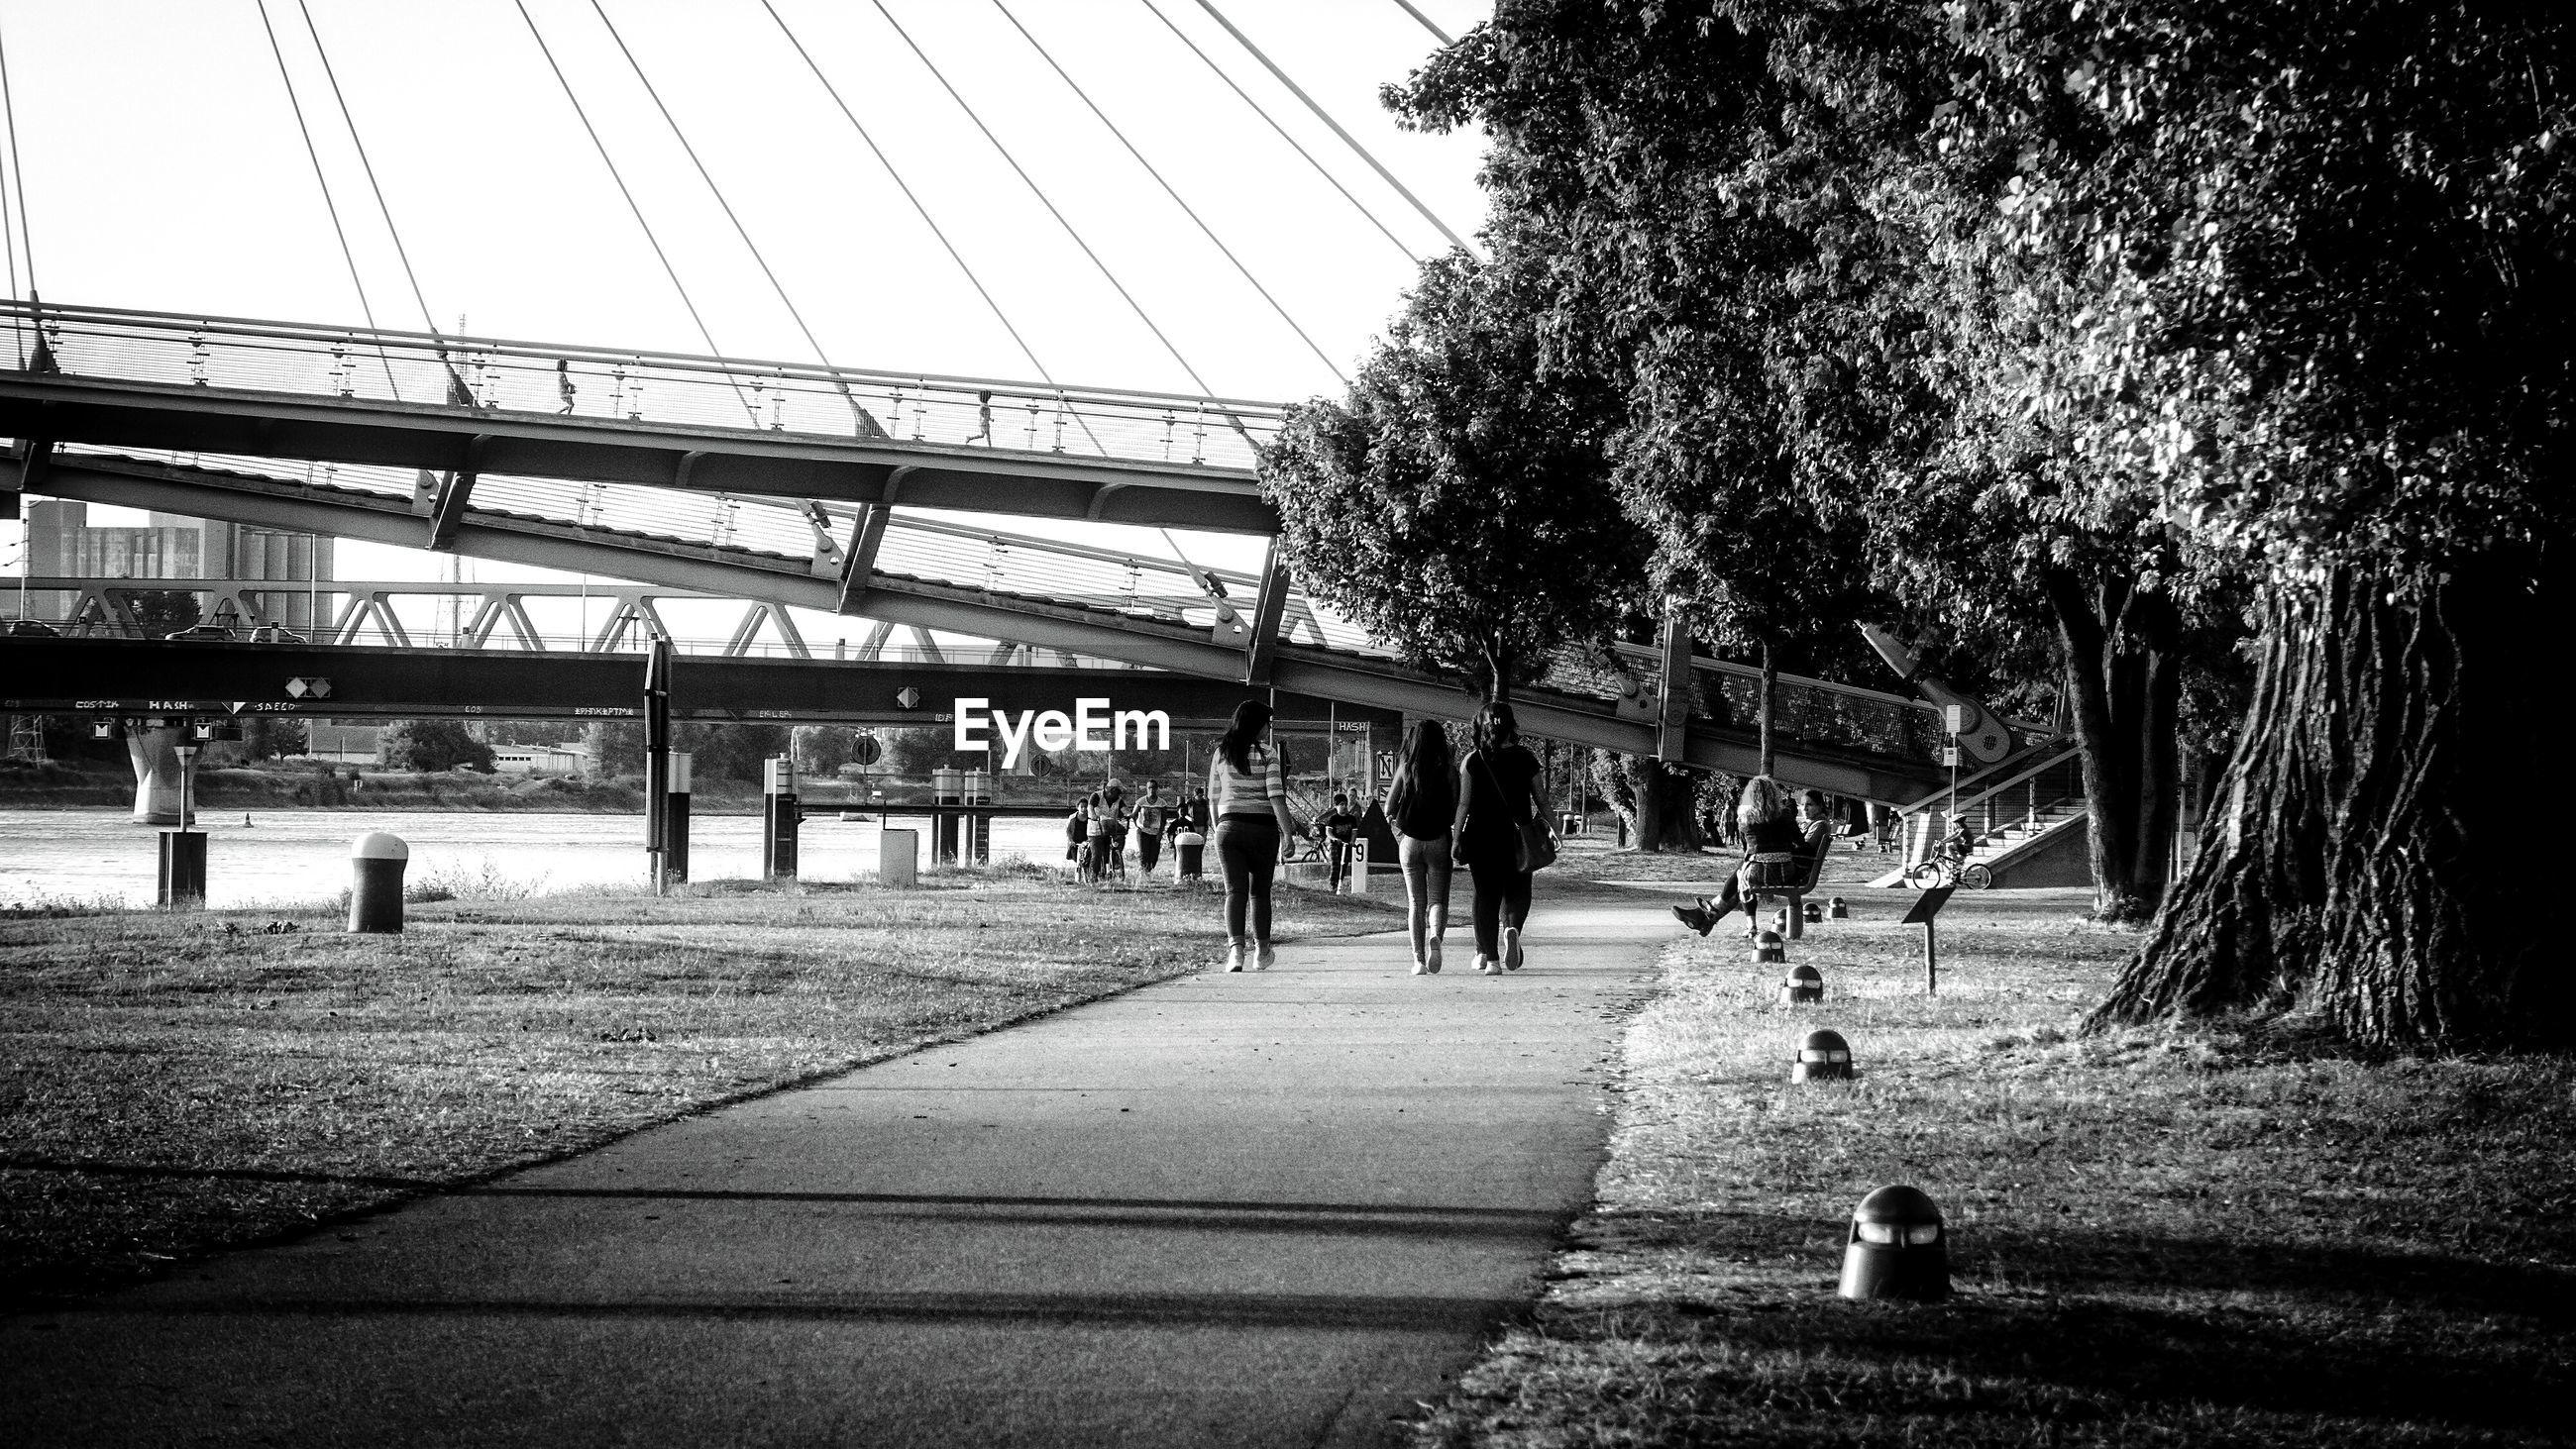 Rear view of friends walking on promenade by river